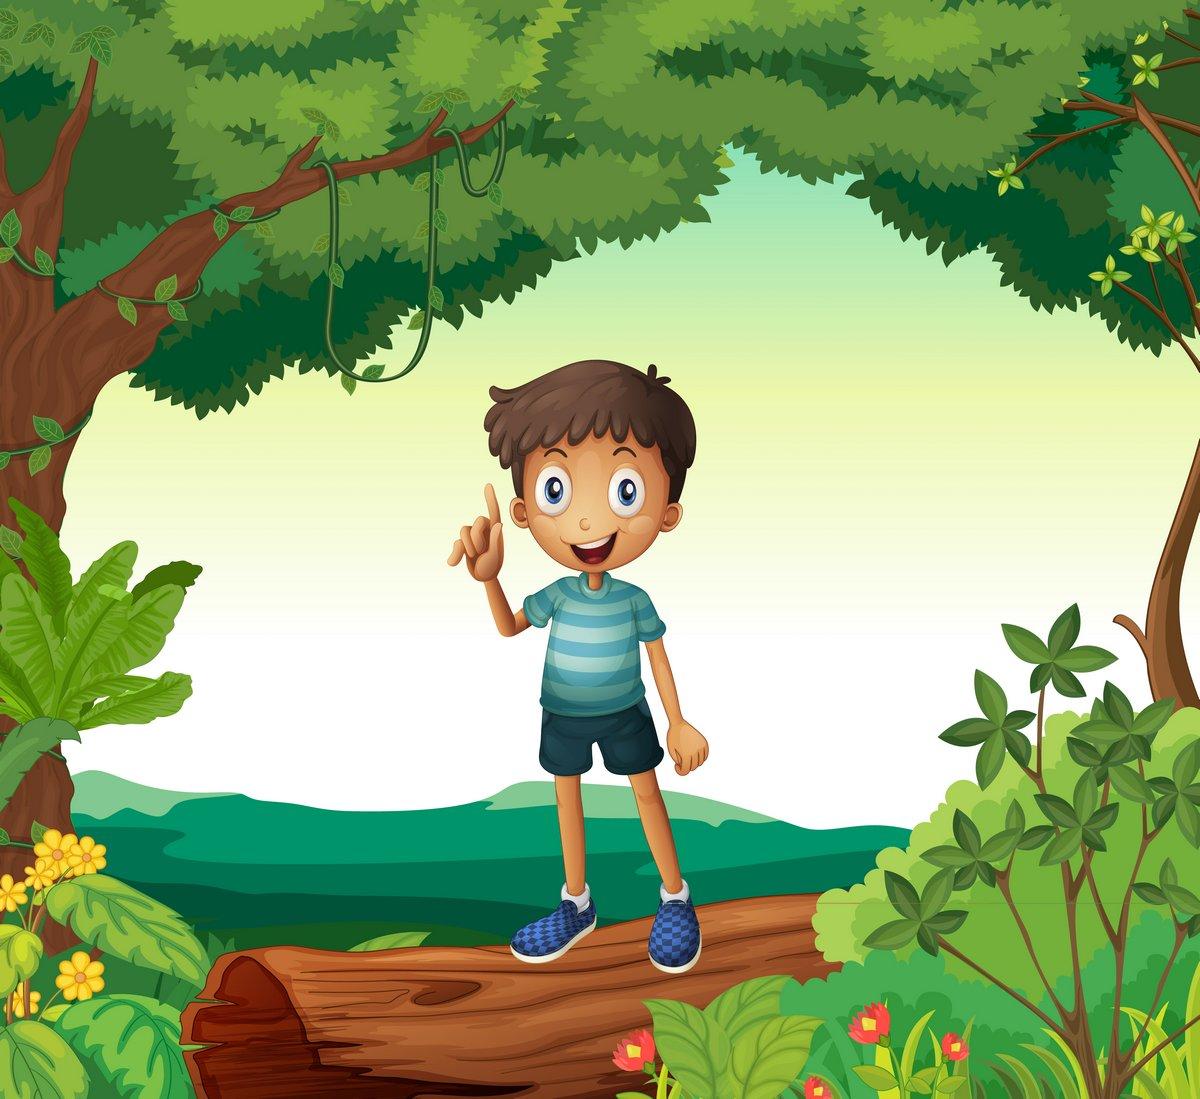 Постер Разные детские постеры Мальчик стоит на дерево в природеРазные детские постеры<br>Постер на холсте или бумаге. Любого нужного вам размера. В раме или без. Подвес в комплекте. Трехслойная надежная упаковка. Доставим в любую точку России. Вам осталось только повесить картину на стену!<br>